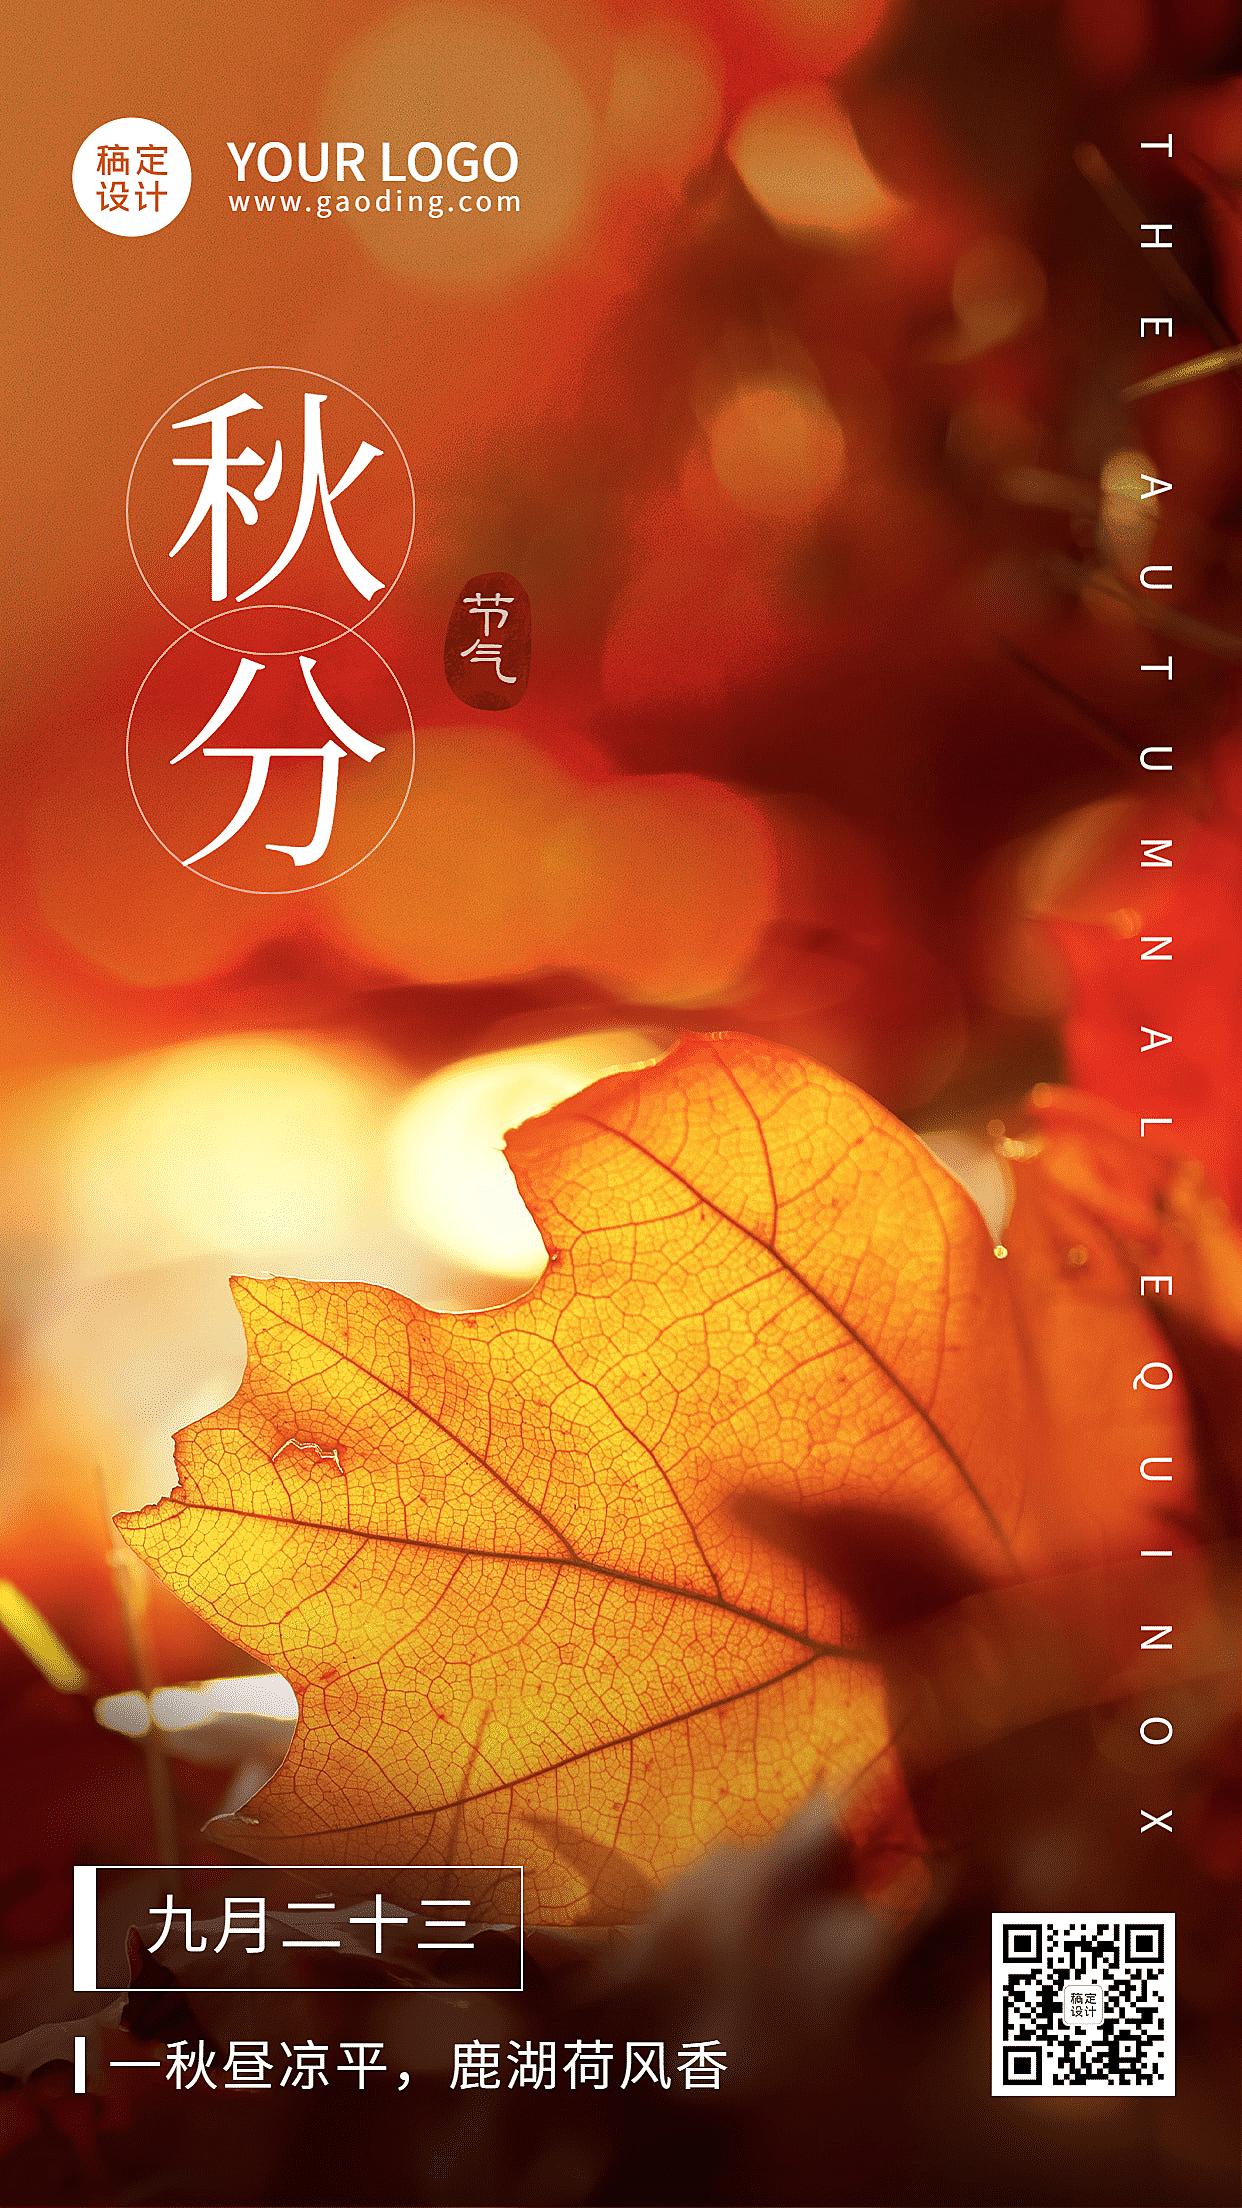 秋分节气实景落叶祝福手机海报